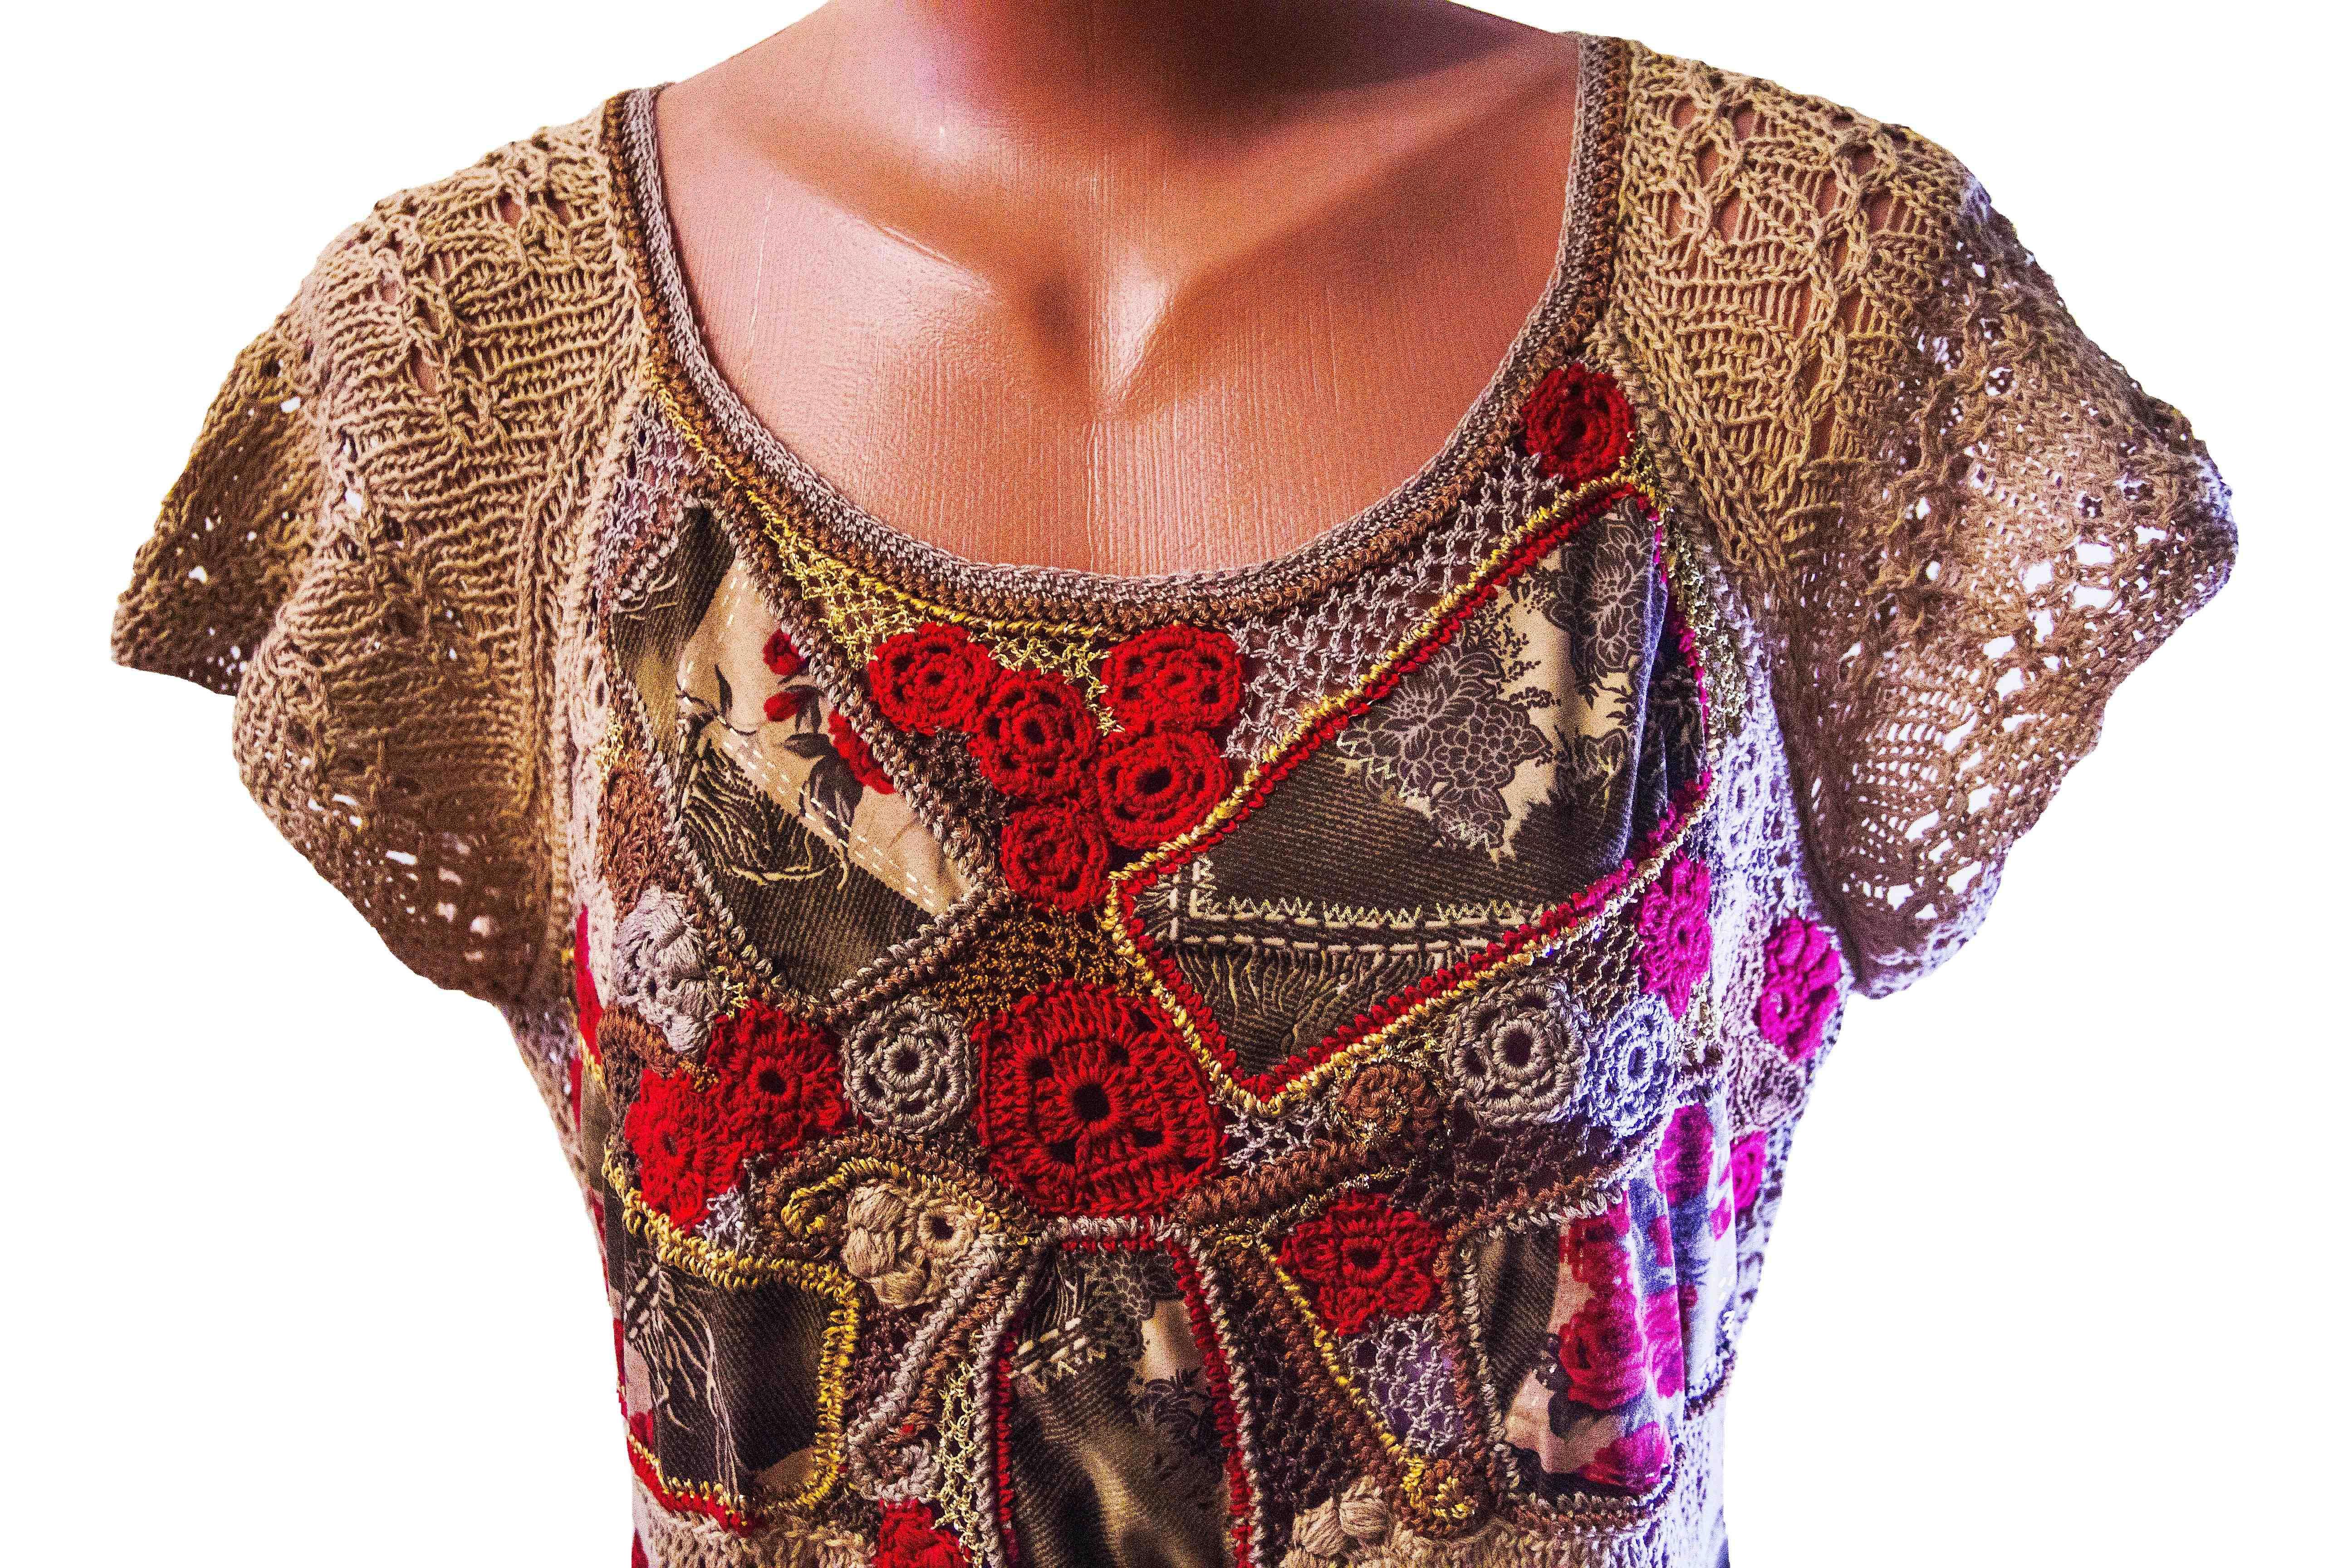 авторское-платье отделка-одежды платье-вязаное отделка-кружевом авторская-ручная-работа наборное-кружево платье